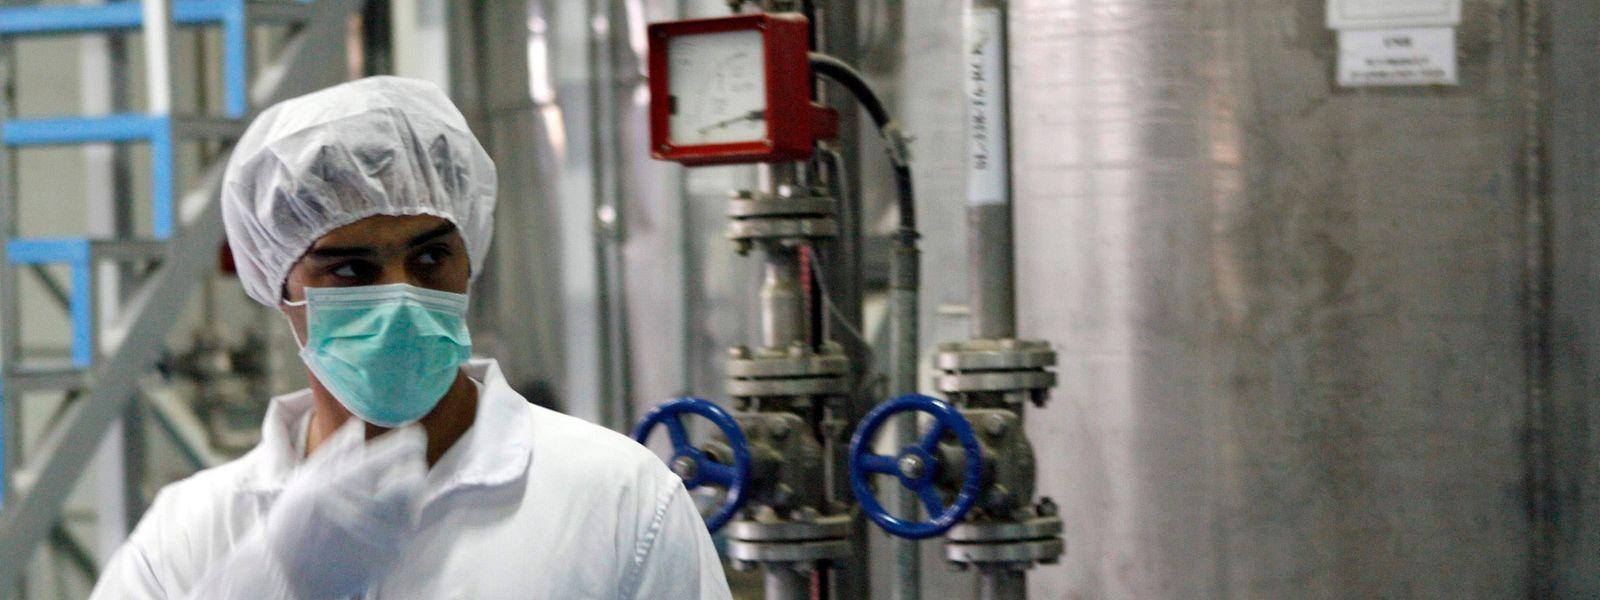 Ein iranischer Techniker in einer Nuklearanlage in Isfahan.